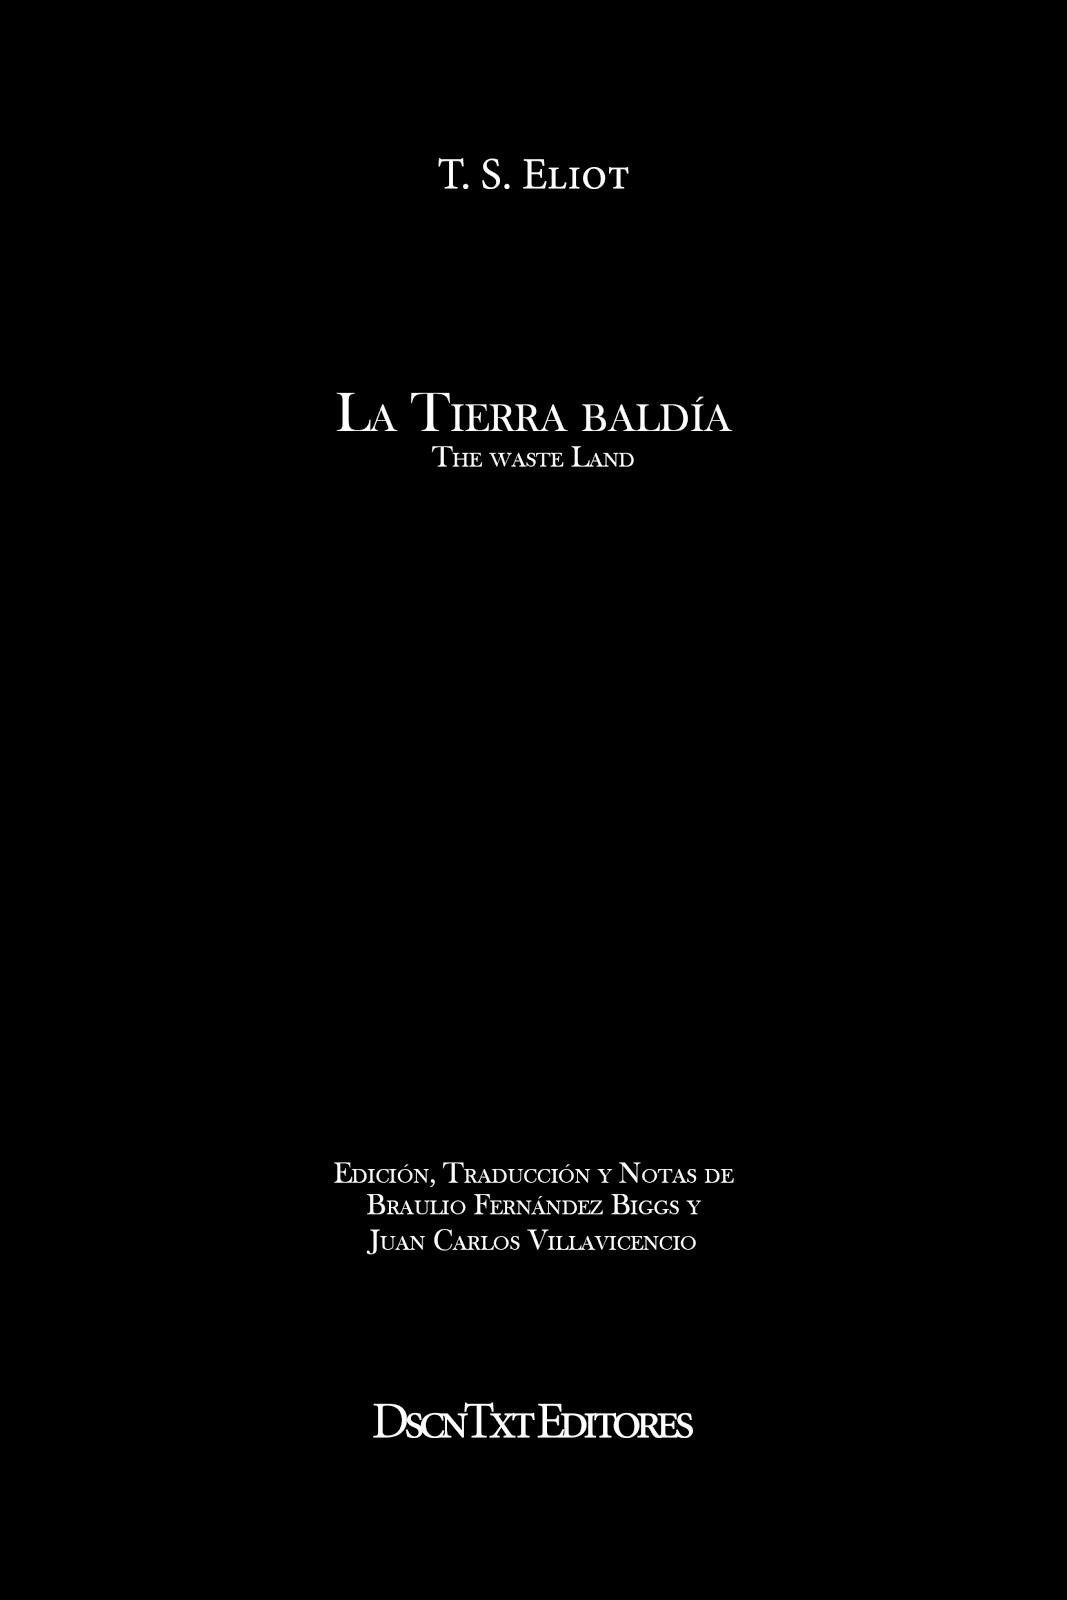 La tierra baldía, de T. S. Eliot. Edición de Fernández Biggs y Villavicencio